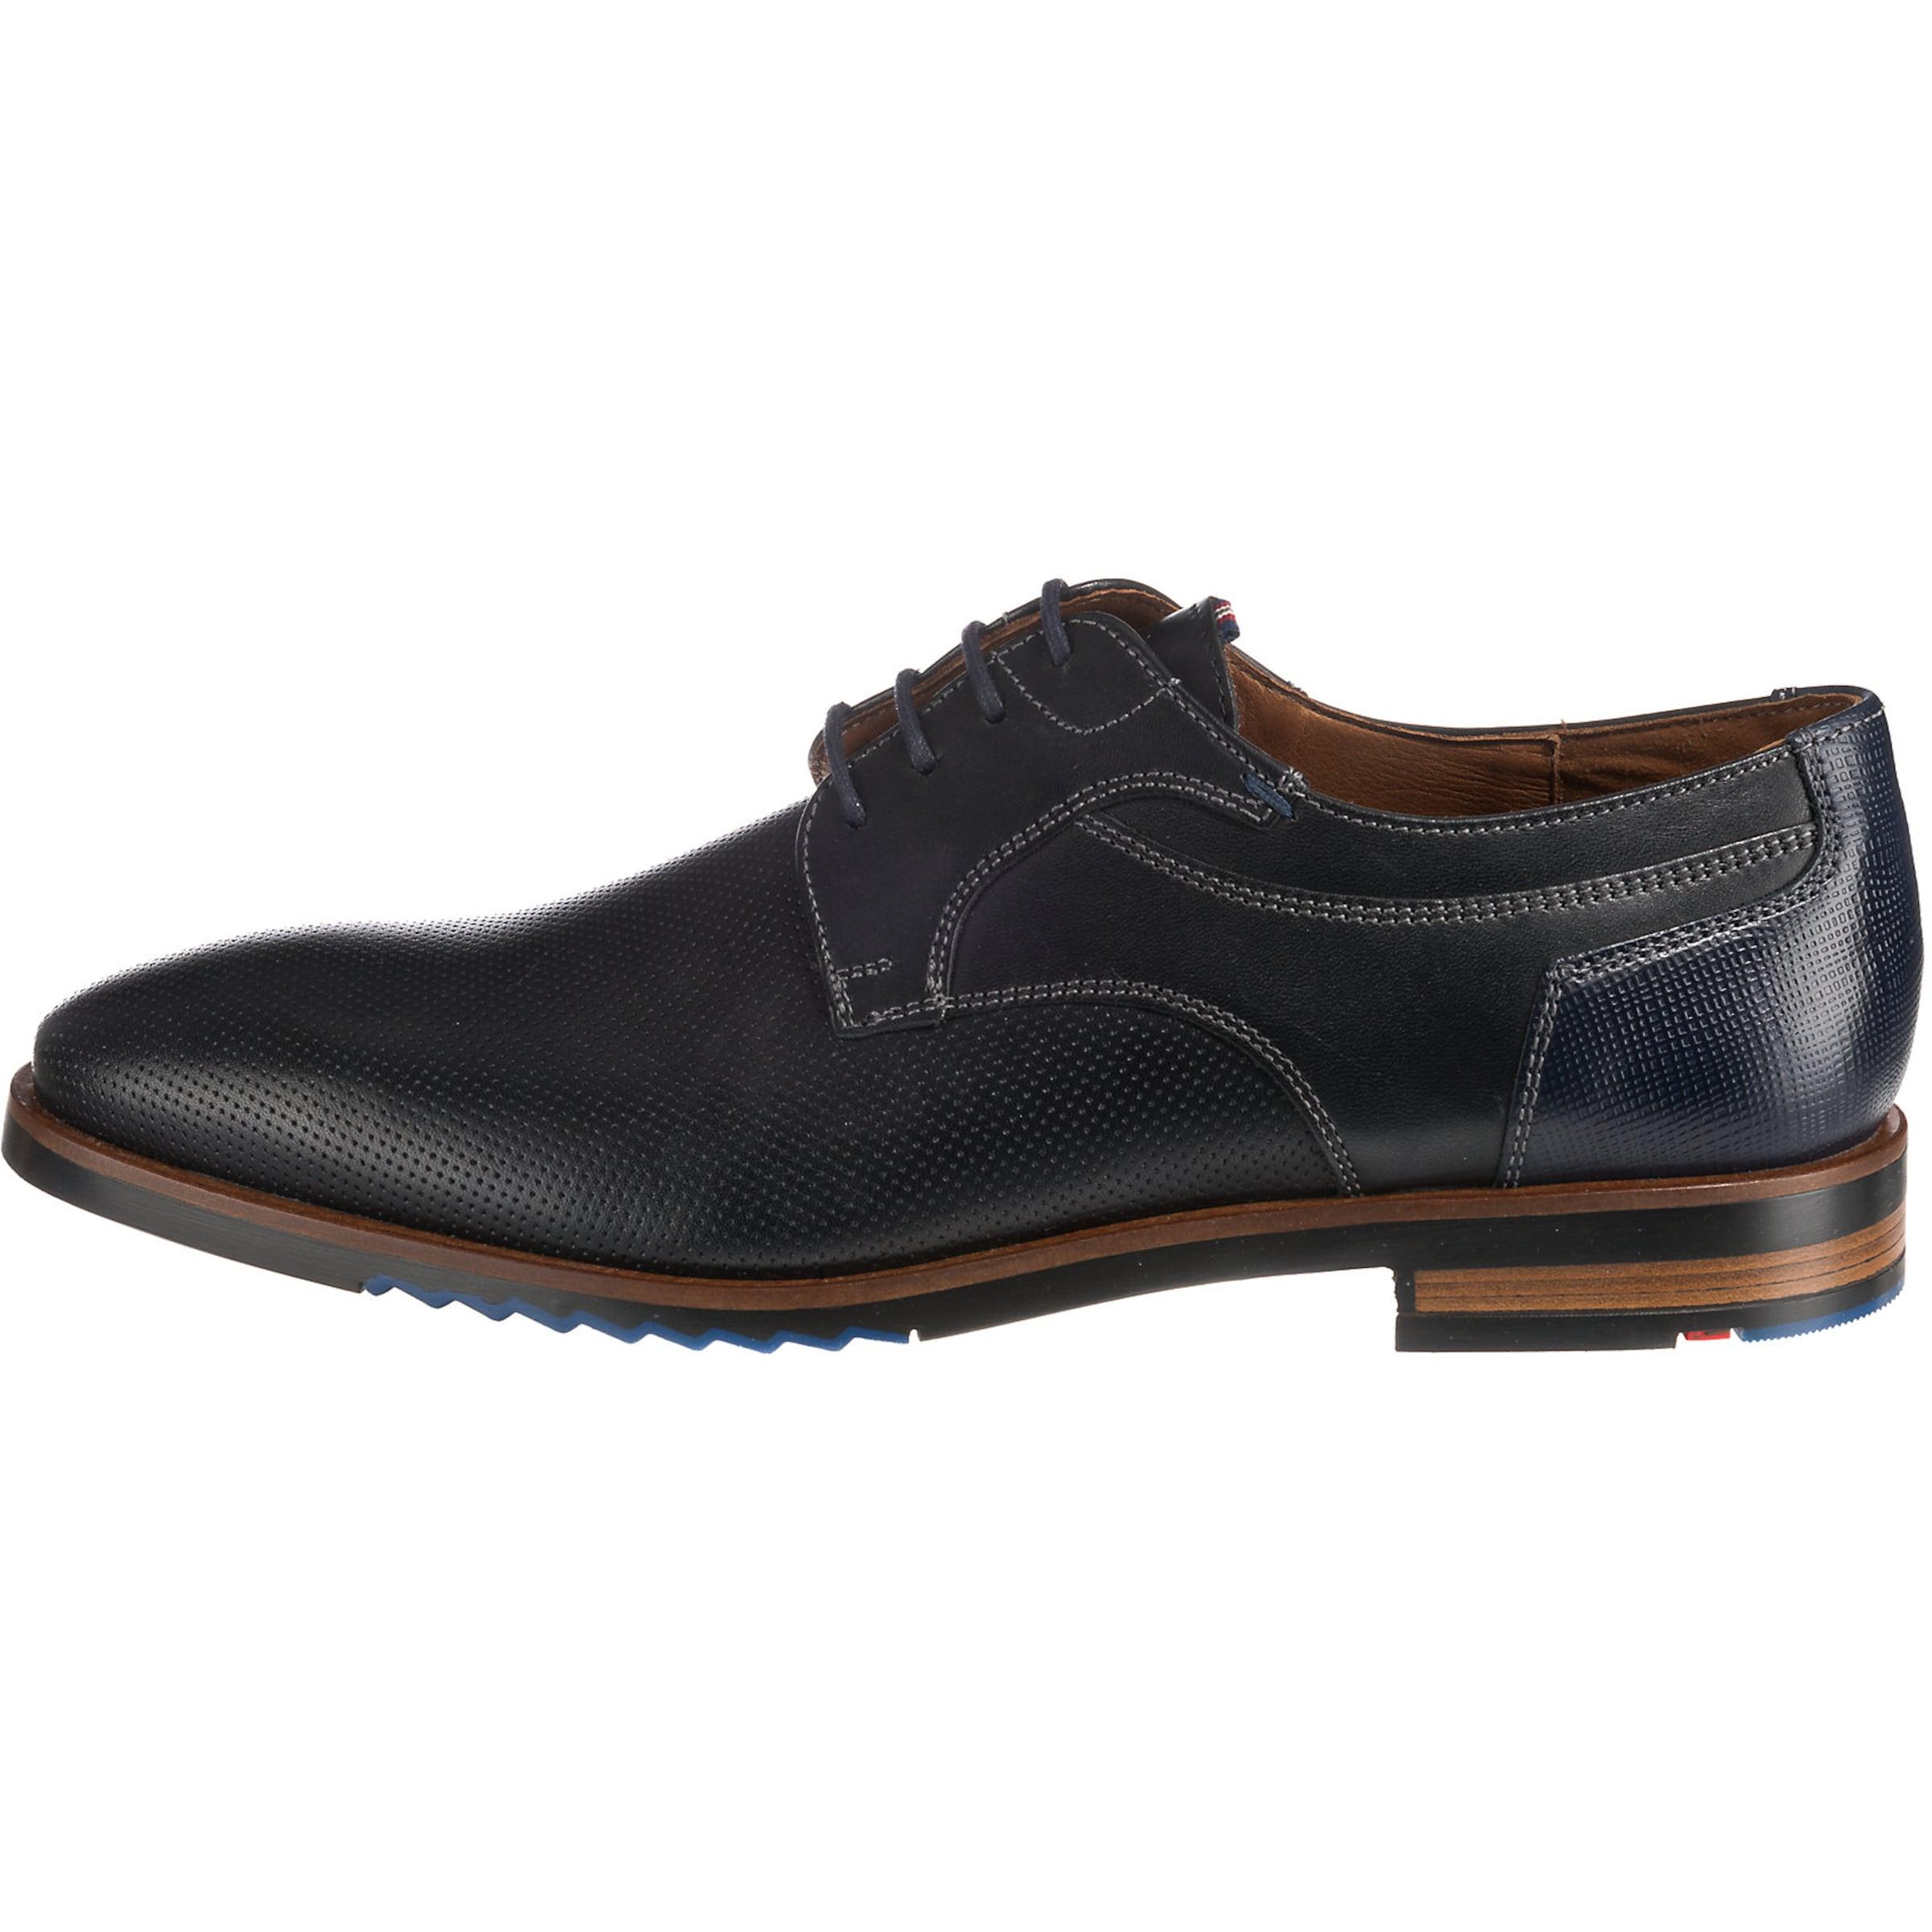 Chaussure Noir Lacets À Lloyd En q4ARjLc5S3